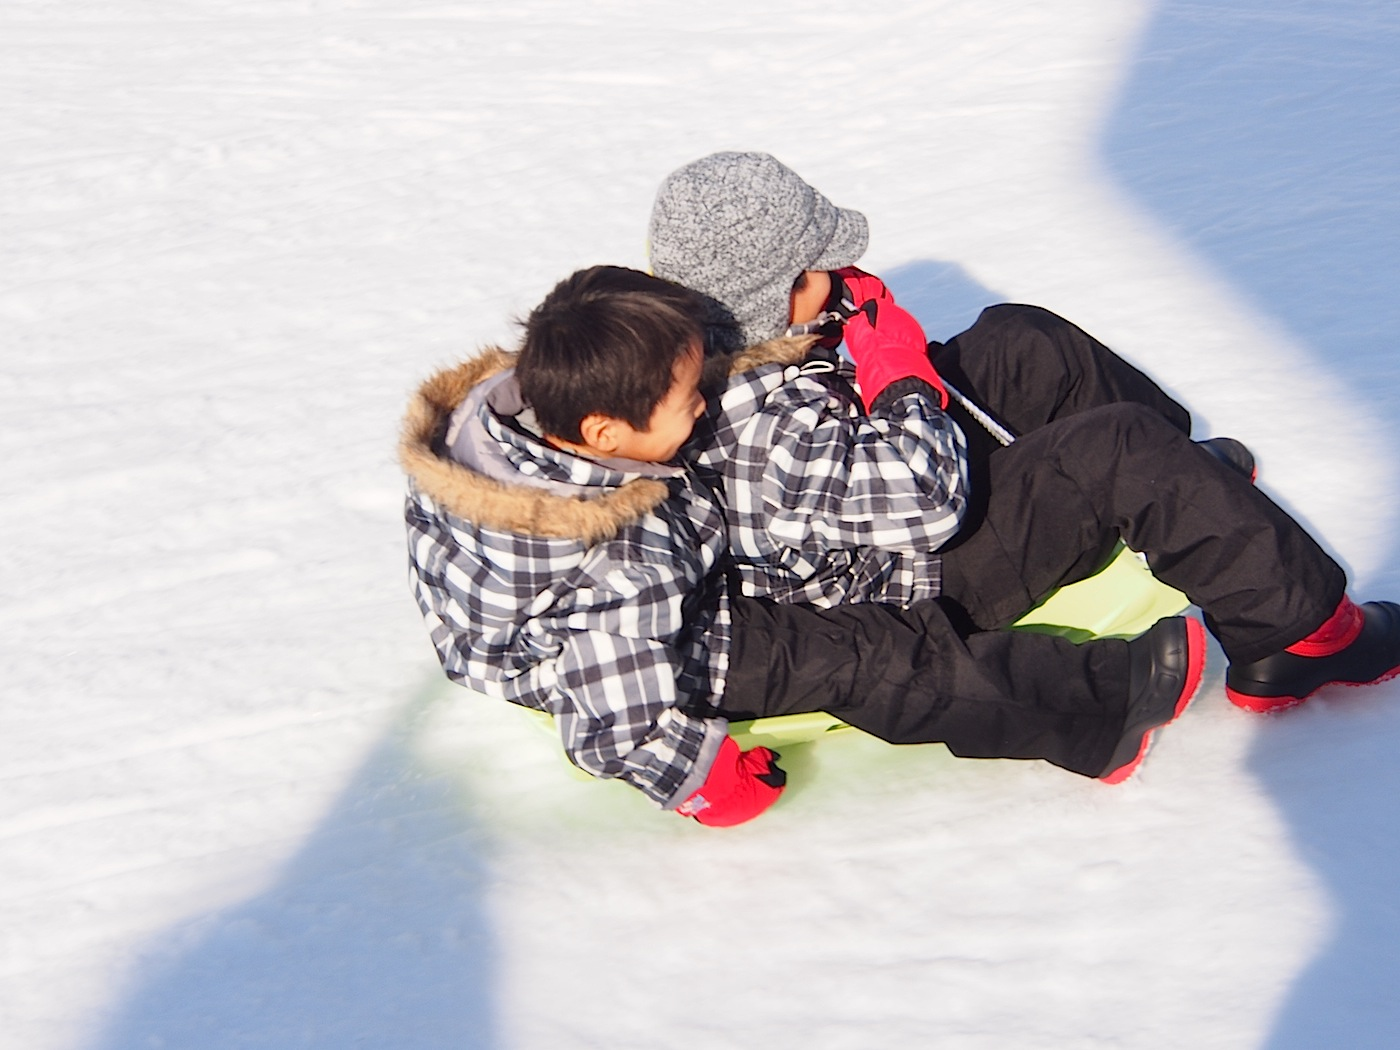 スキーウエアでソリ遊び